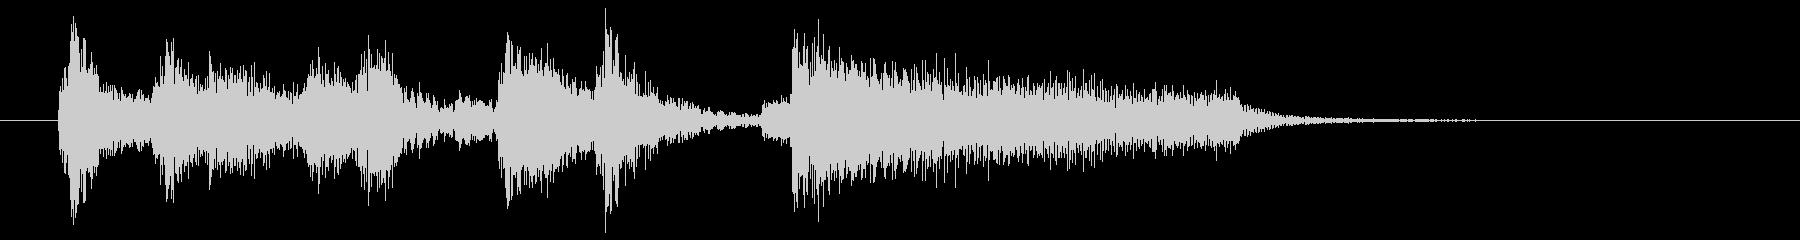 場面転換などにジャズジングル(5)の未再生の波形